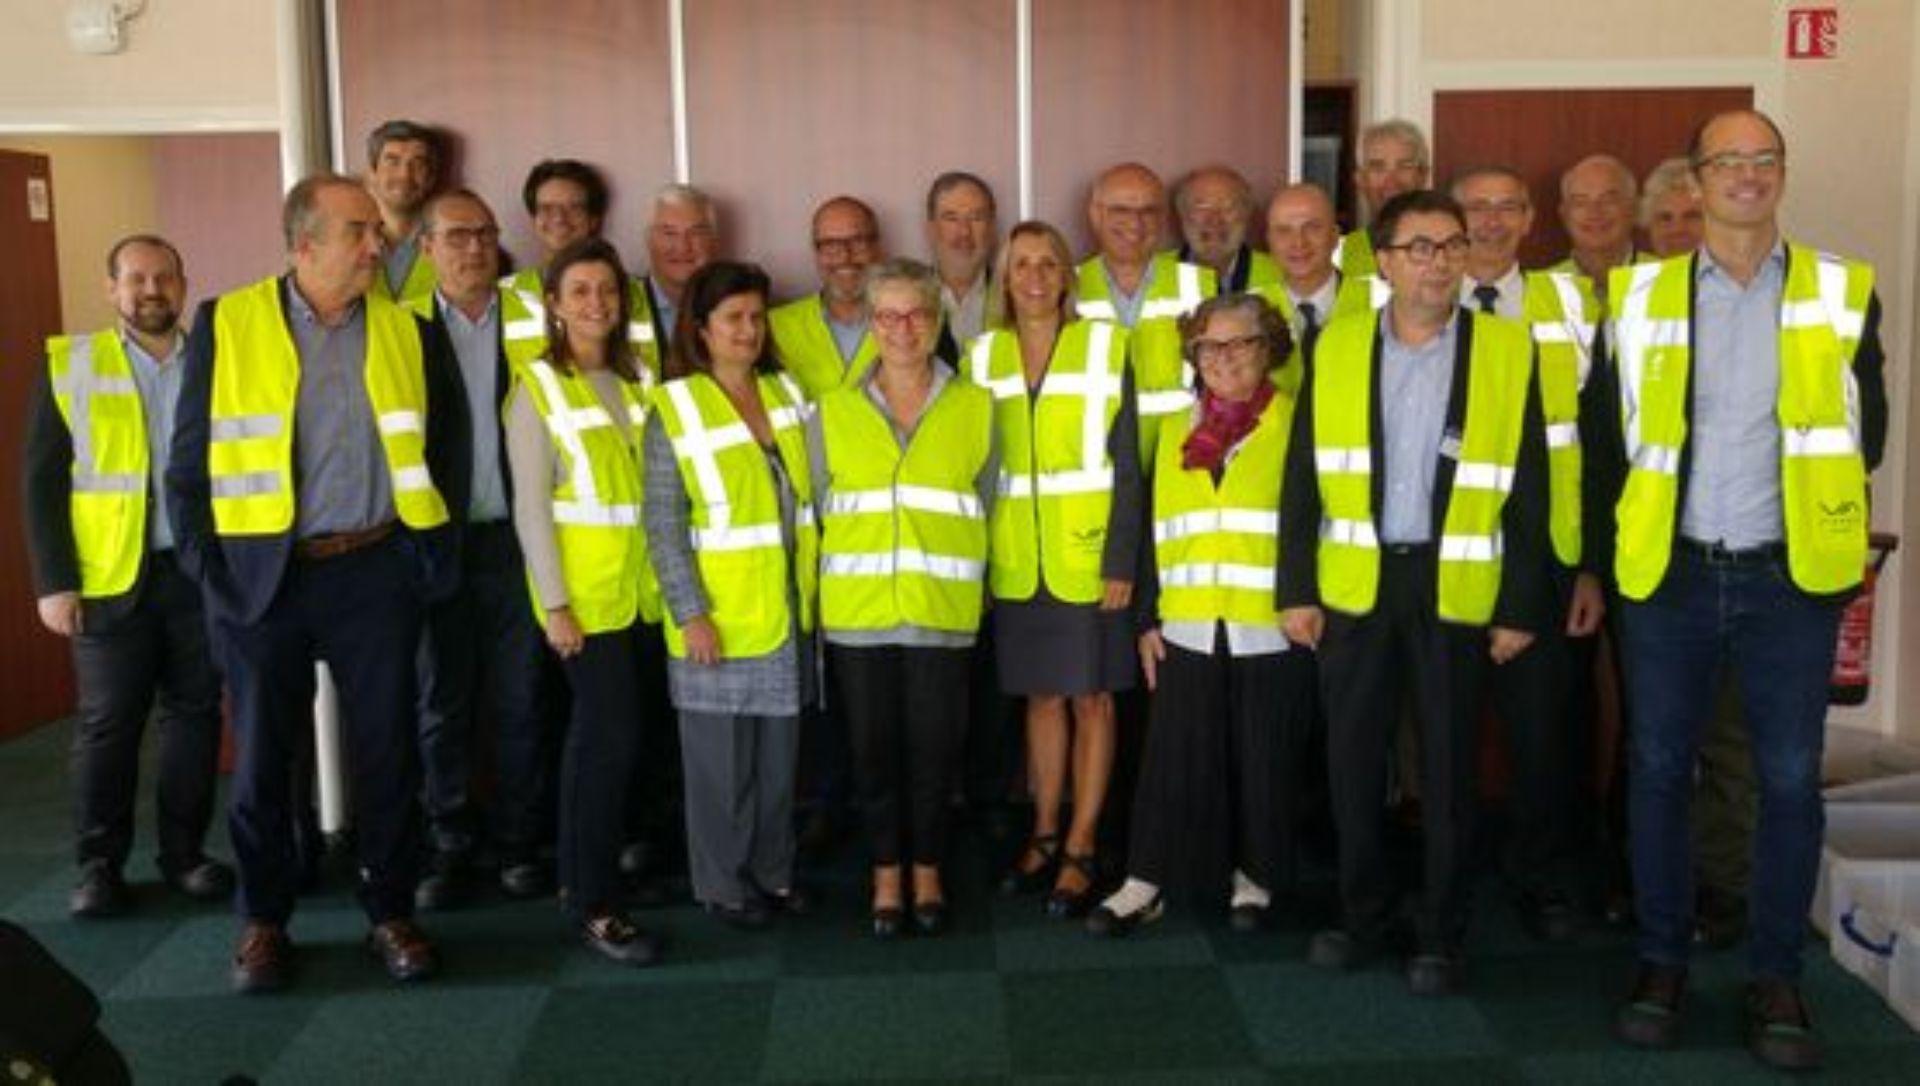 Visite de la plateforme industrielle de La Poste par le Comité directeur de la FNPS